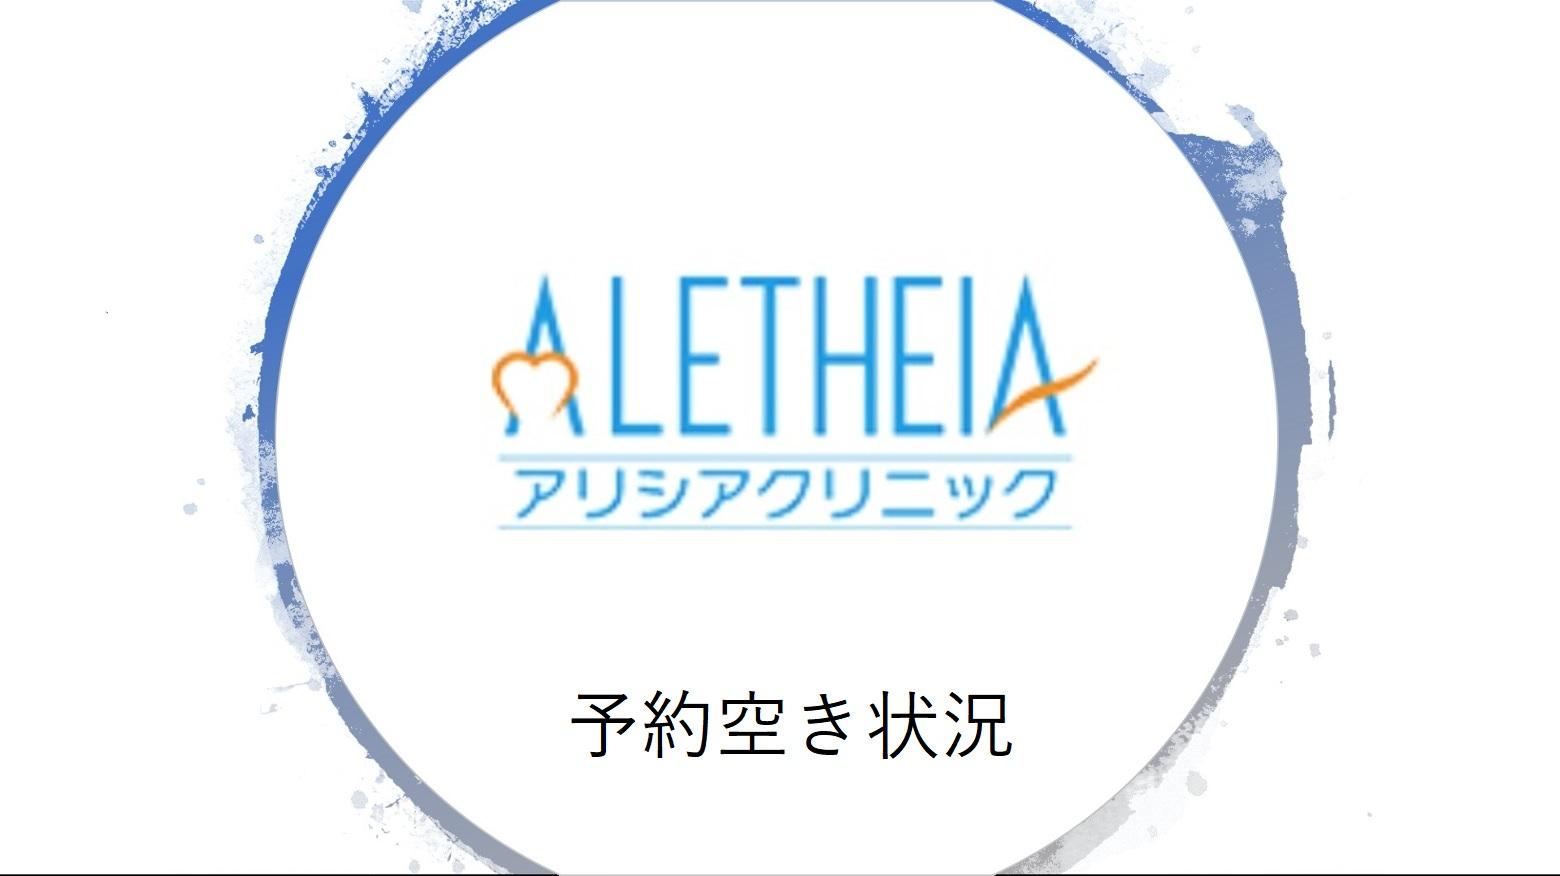 アリシアクリニック(予約空き状況)